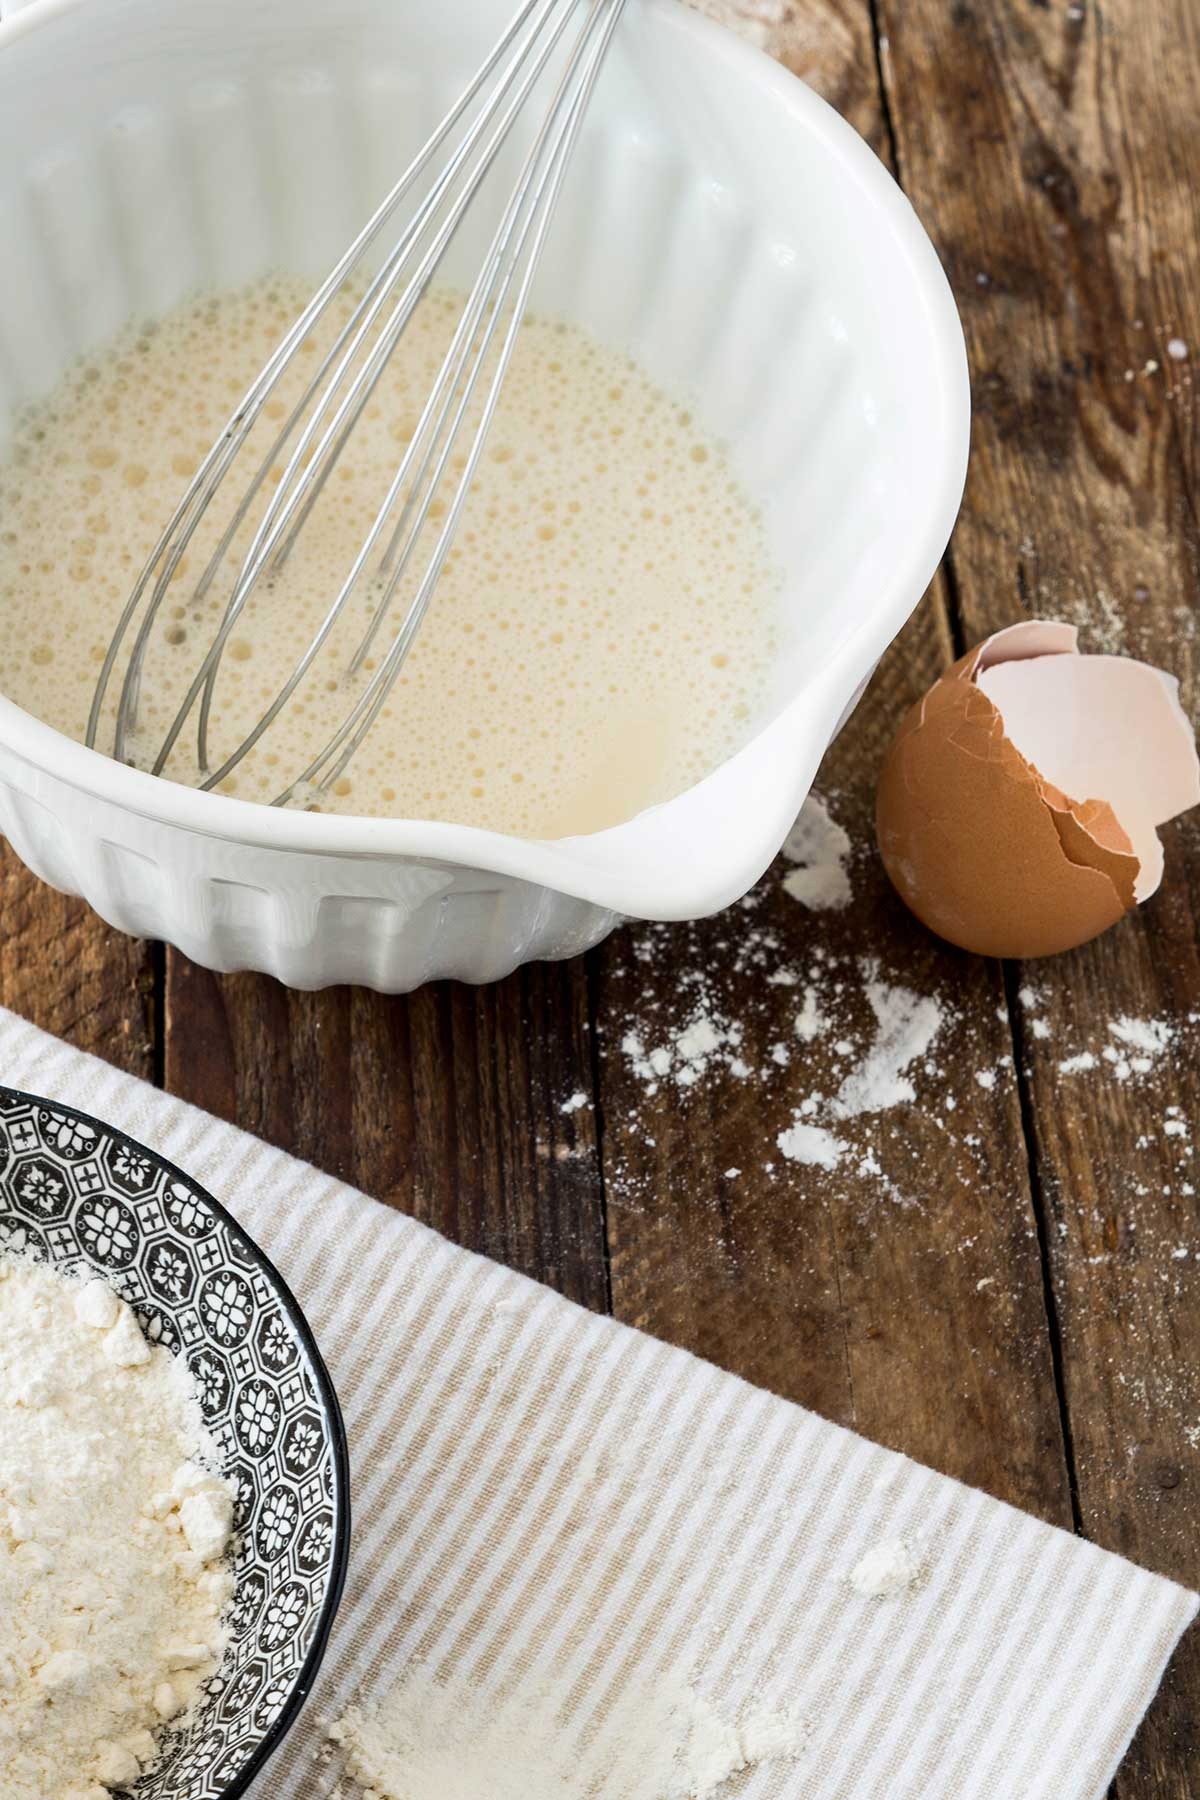 Schneebesen mit Eierkuchenteig in Schüssel